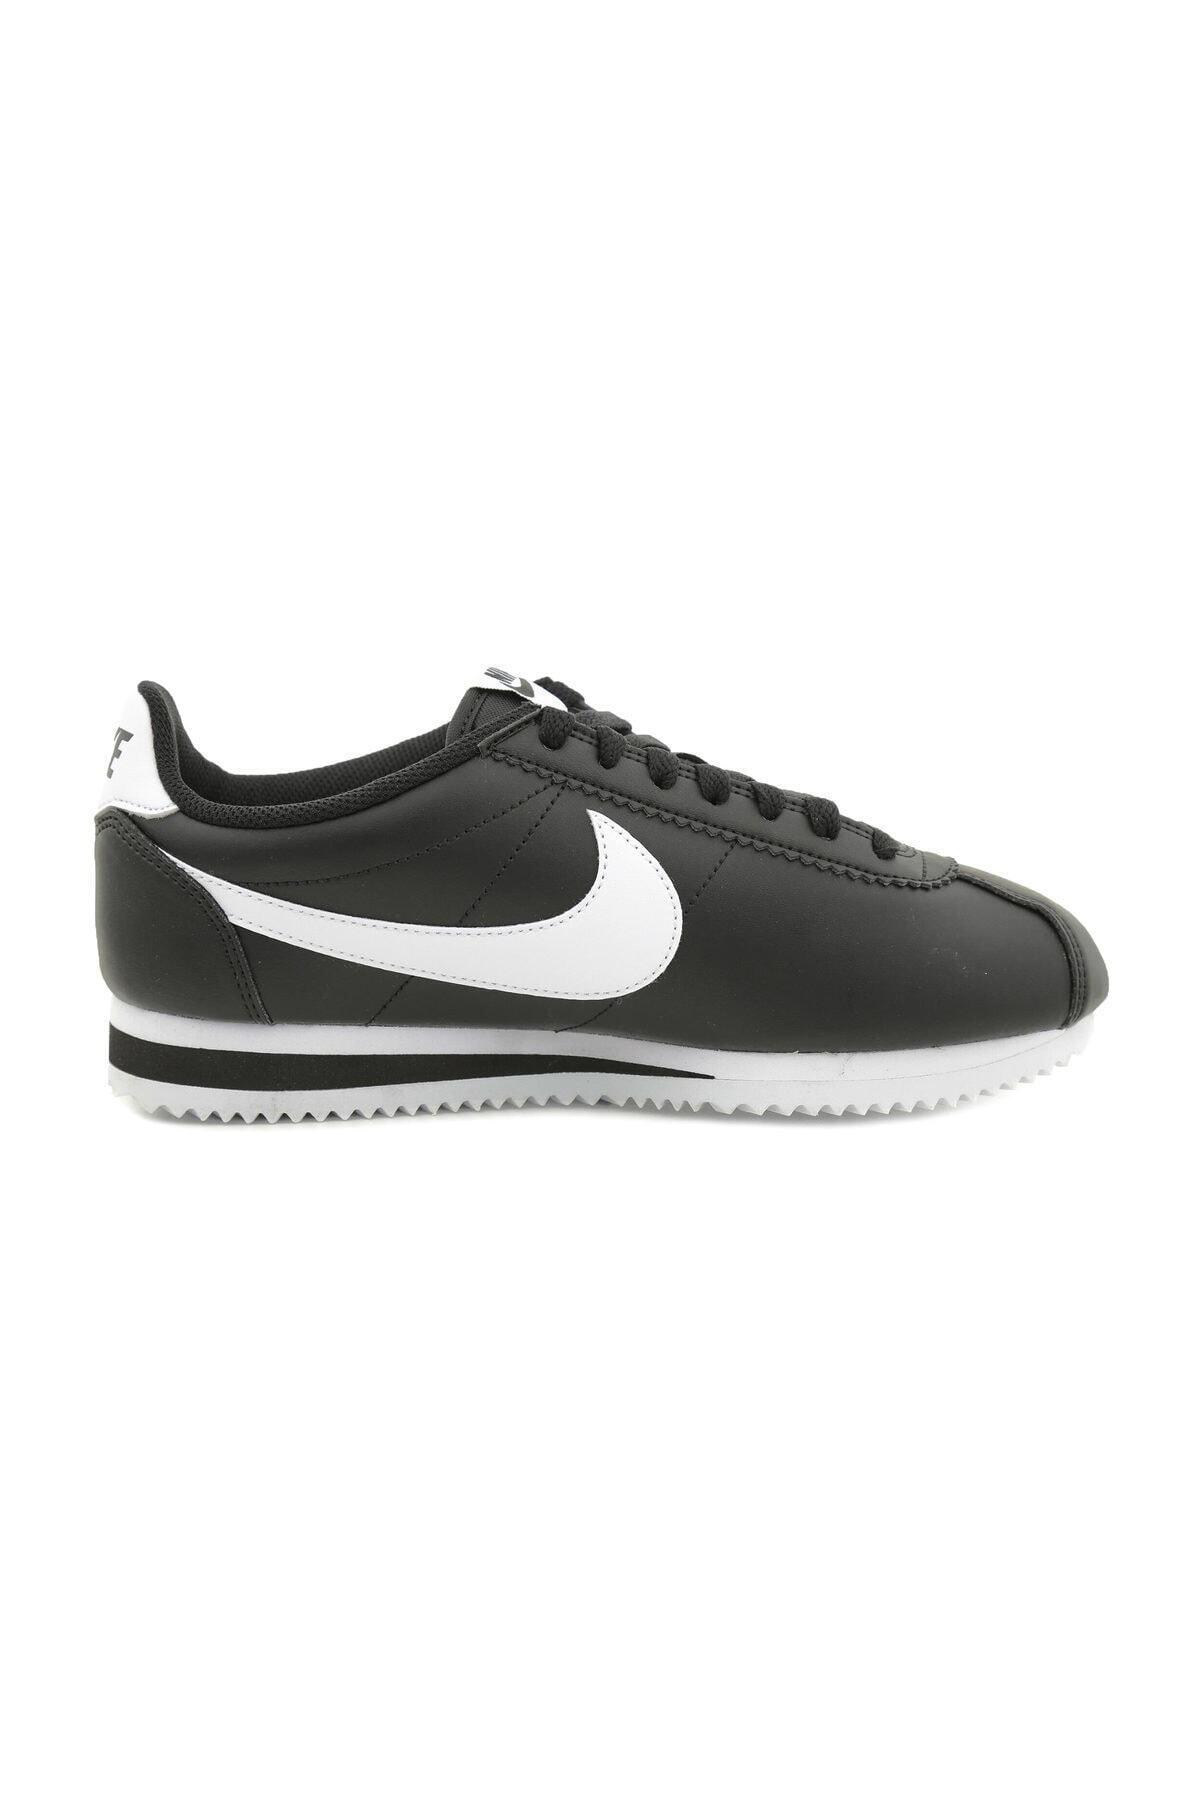 Nike 807471-010 Classic Cortez Spor Ayakkabı (U1) 1